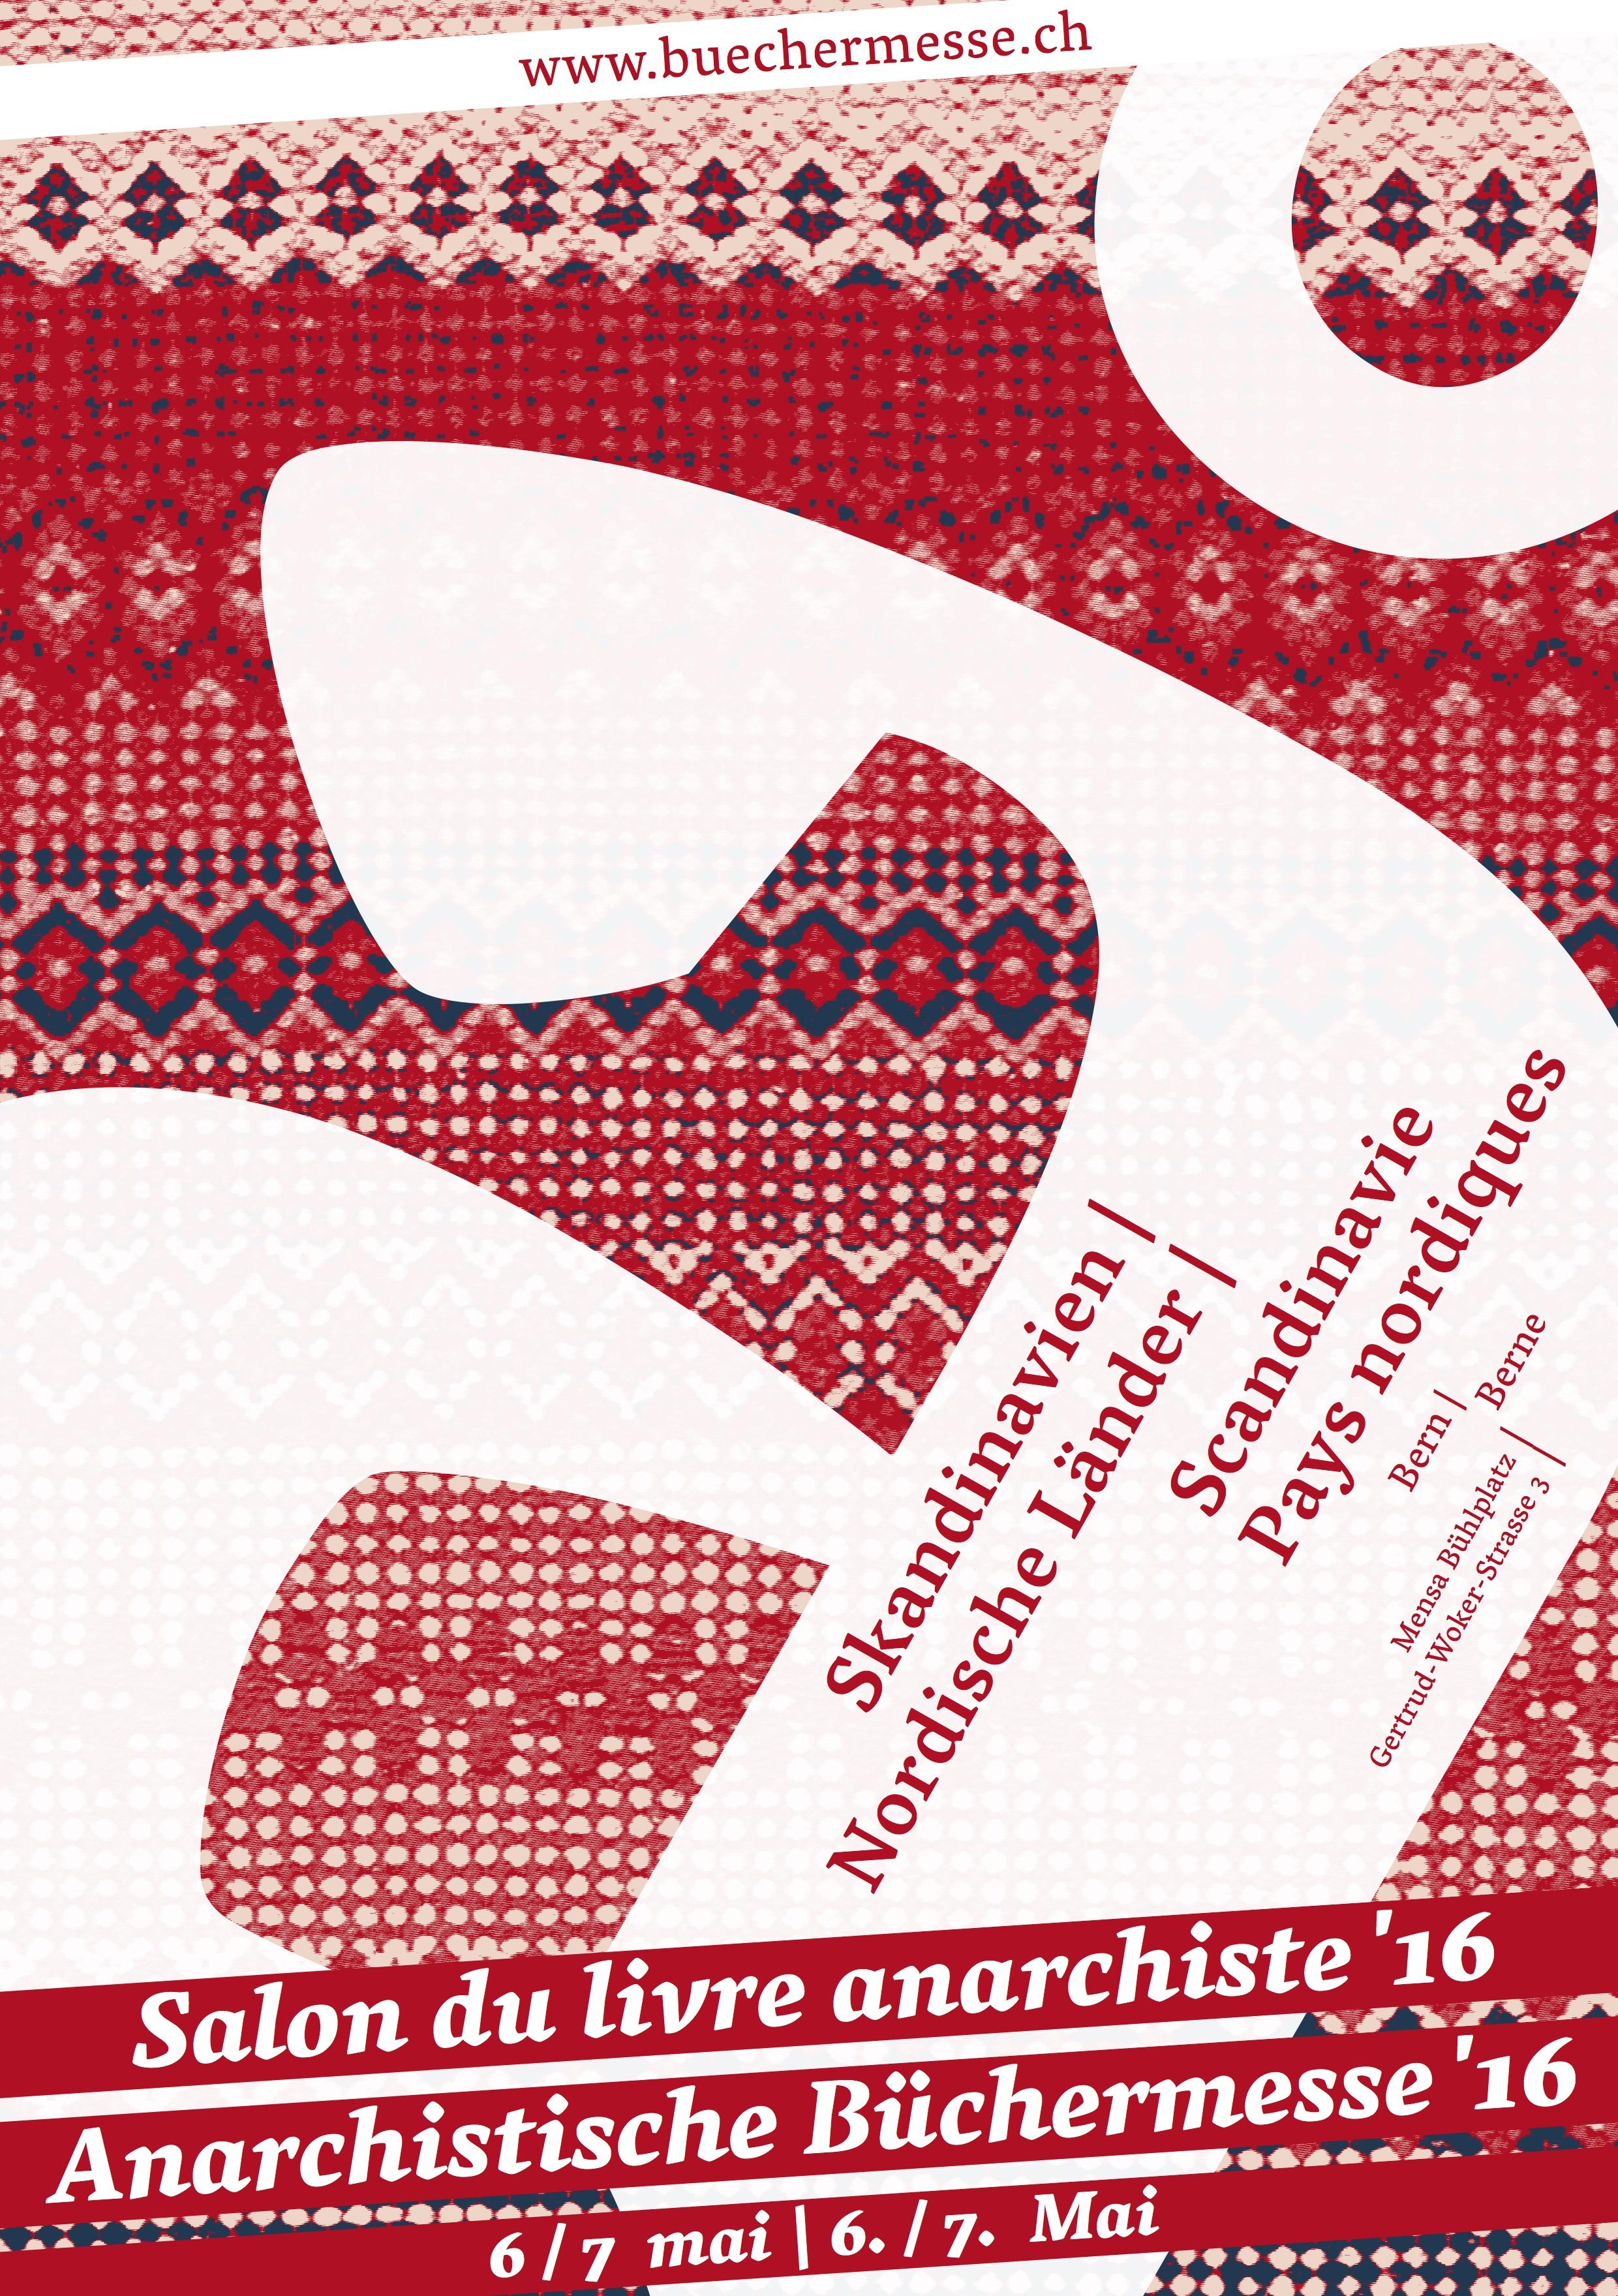 Das programm ist da anarchistische buchmesse salon du livre anarchiste - Salon du livre anarchiste ...